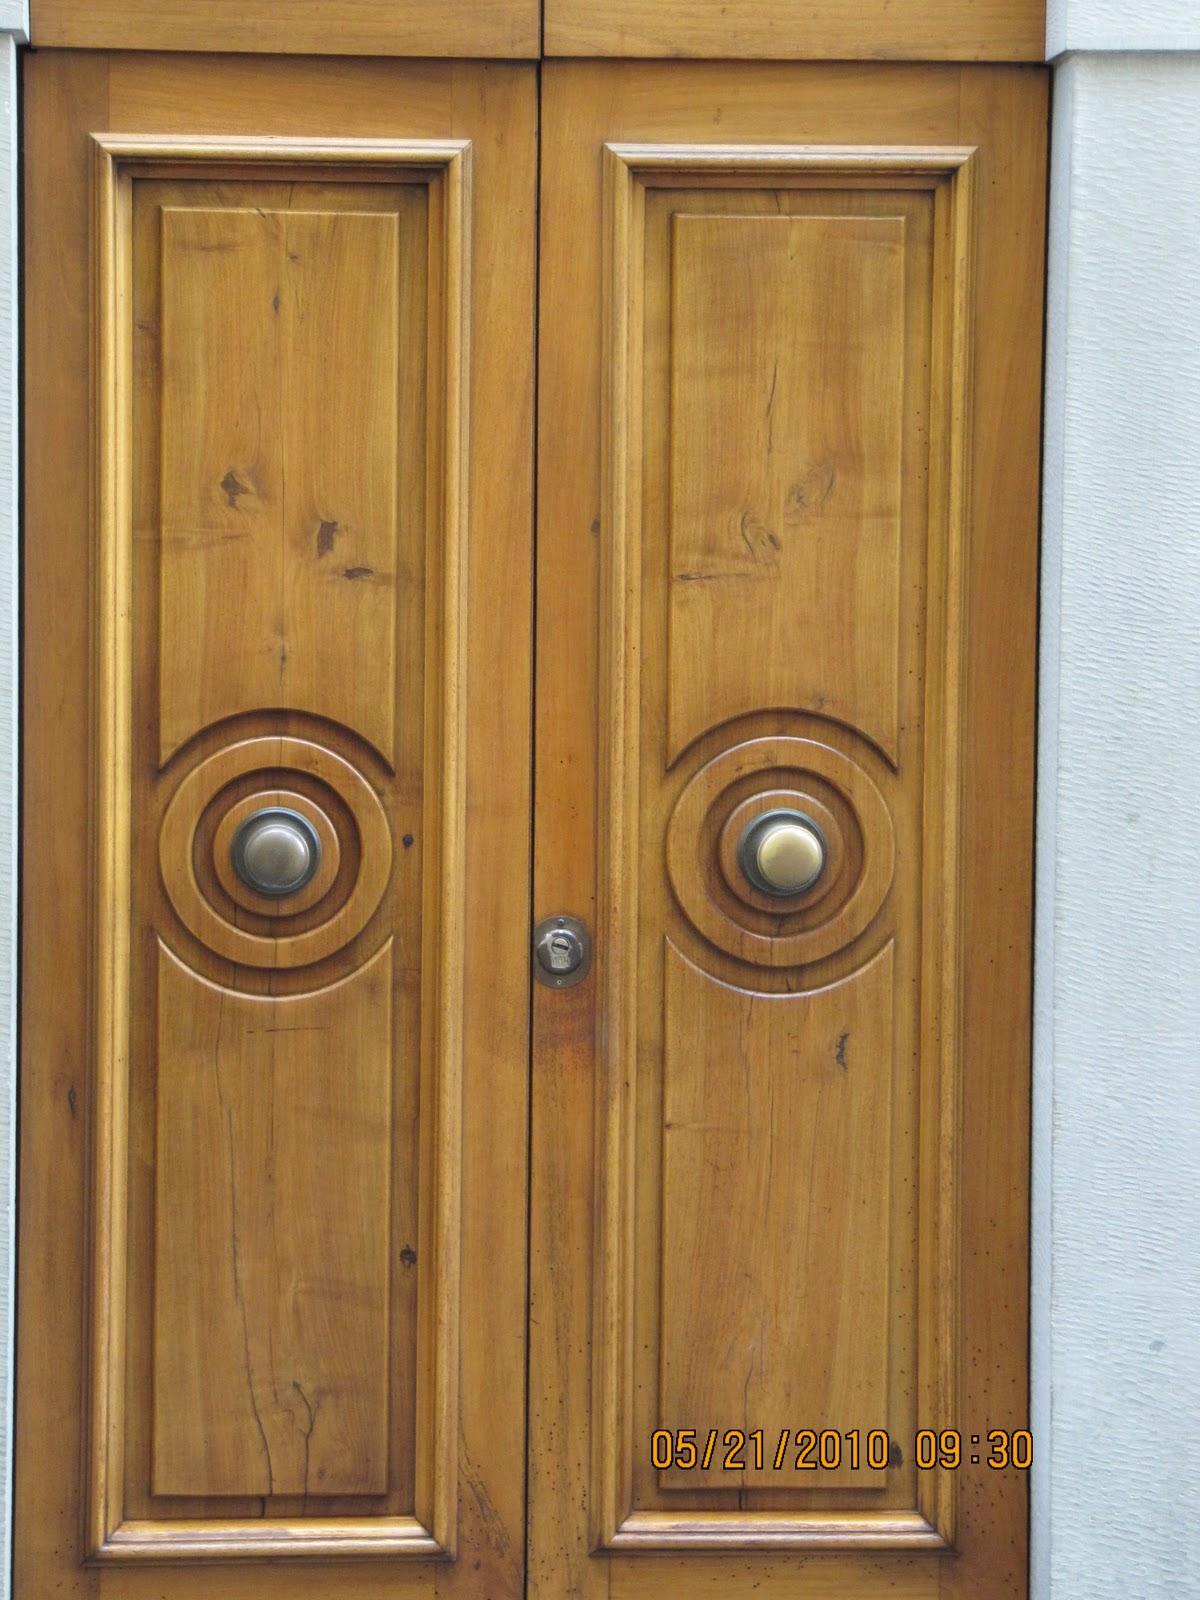 door knob design ideas photo - 9